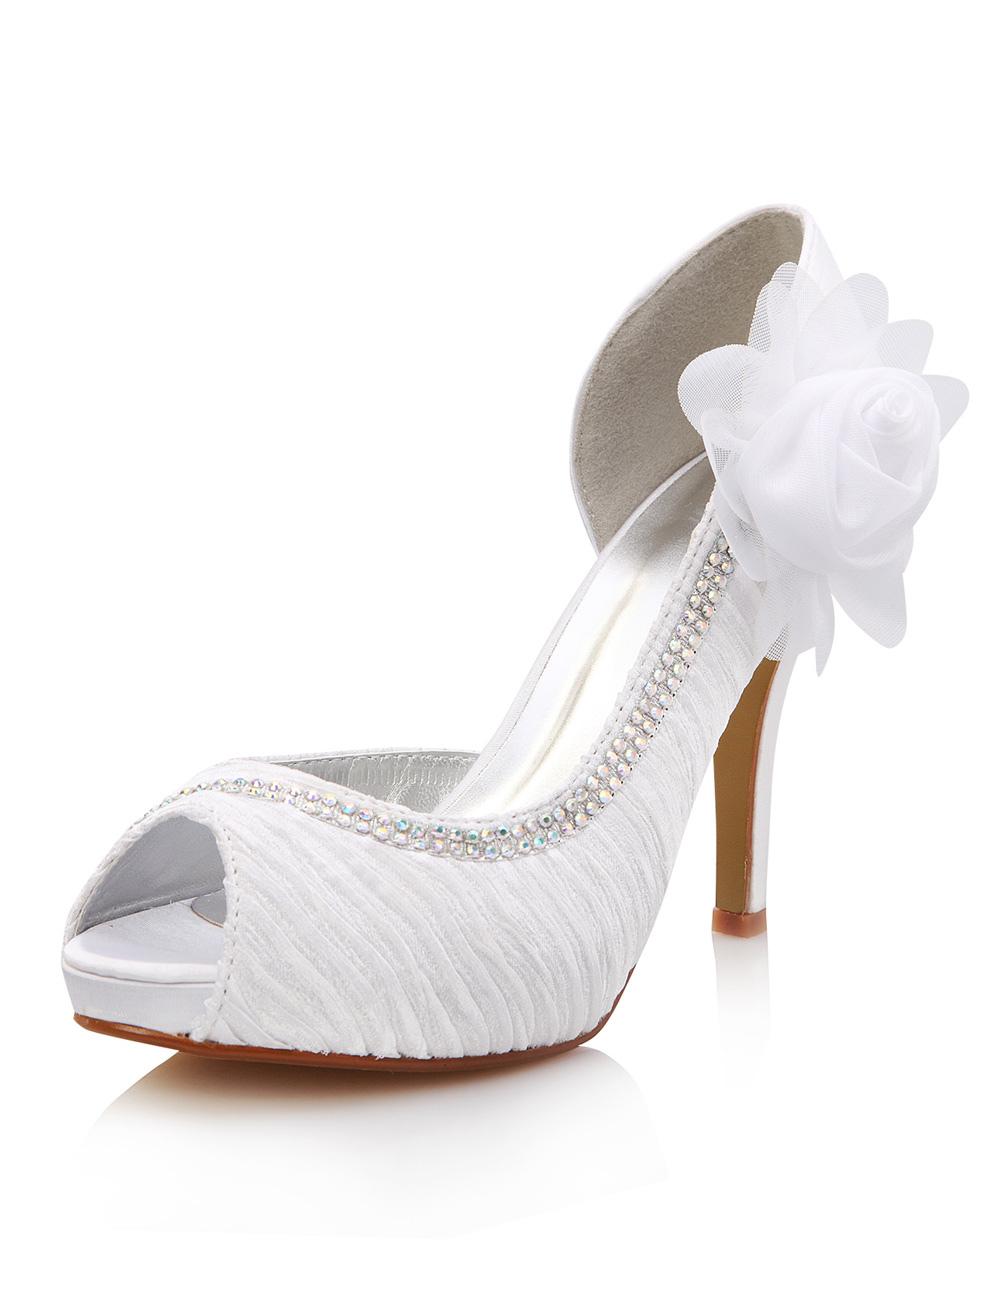 Zapatos blancos de novia de seda sintética con flor de estilo gastado YOJhy